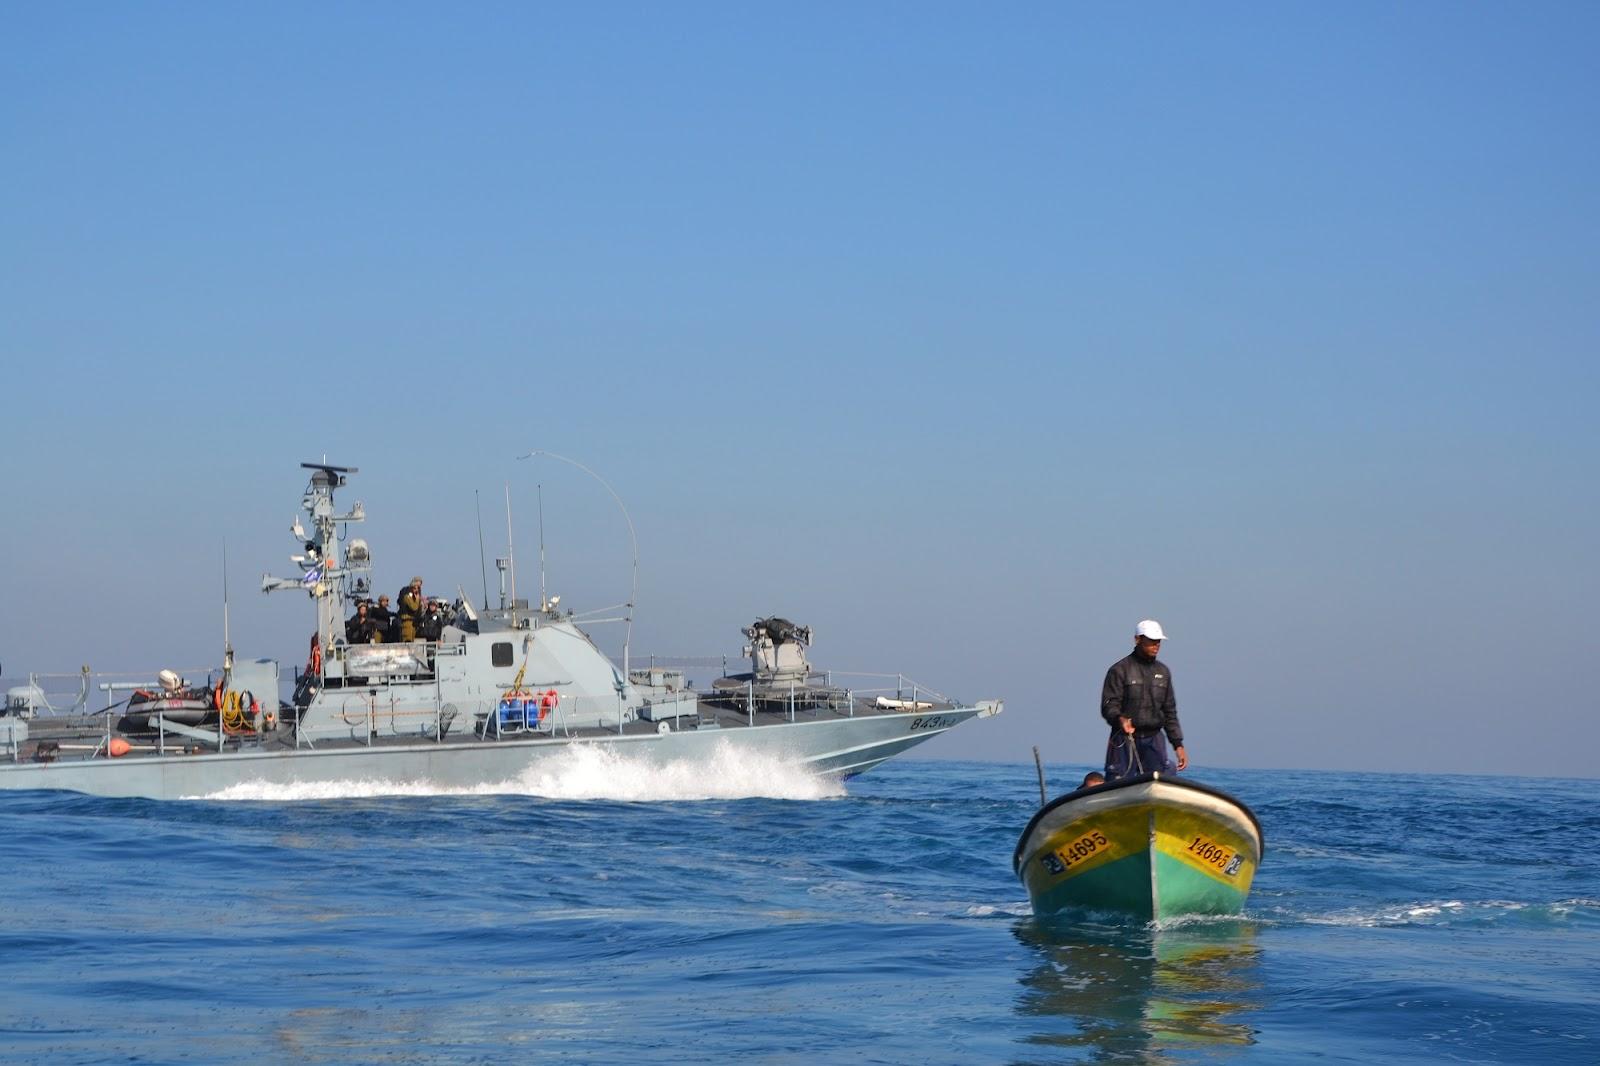 وكالة الصحافة الفلسطينية - نقابة الصيادين: أحد الصيادَين المعتقليَن ببحر غزة أمس مصاب